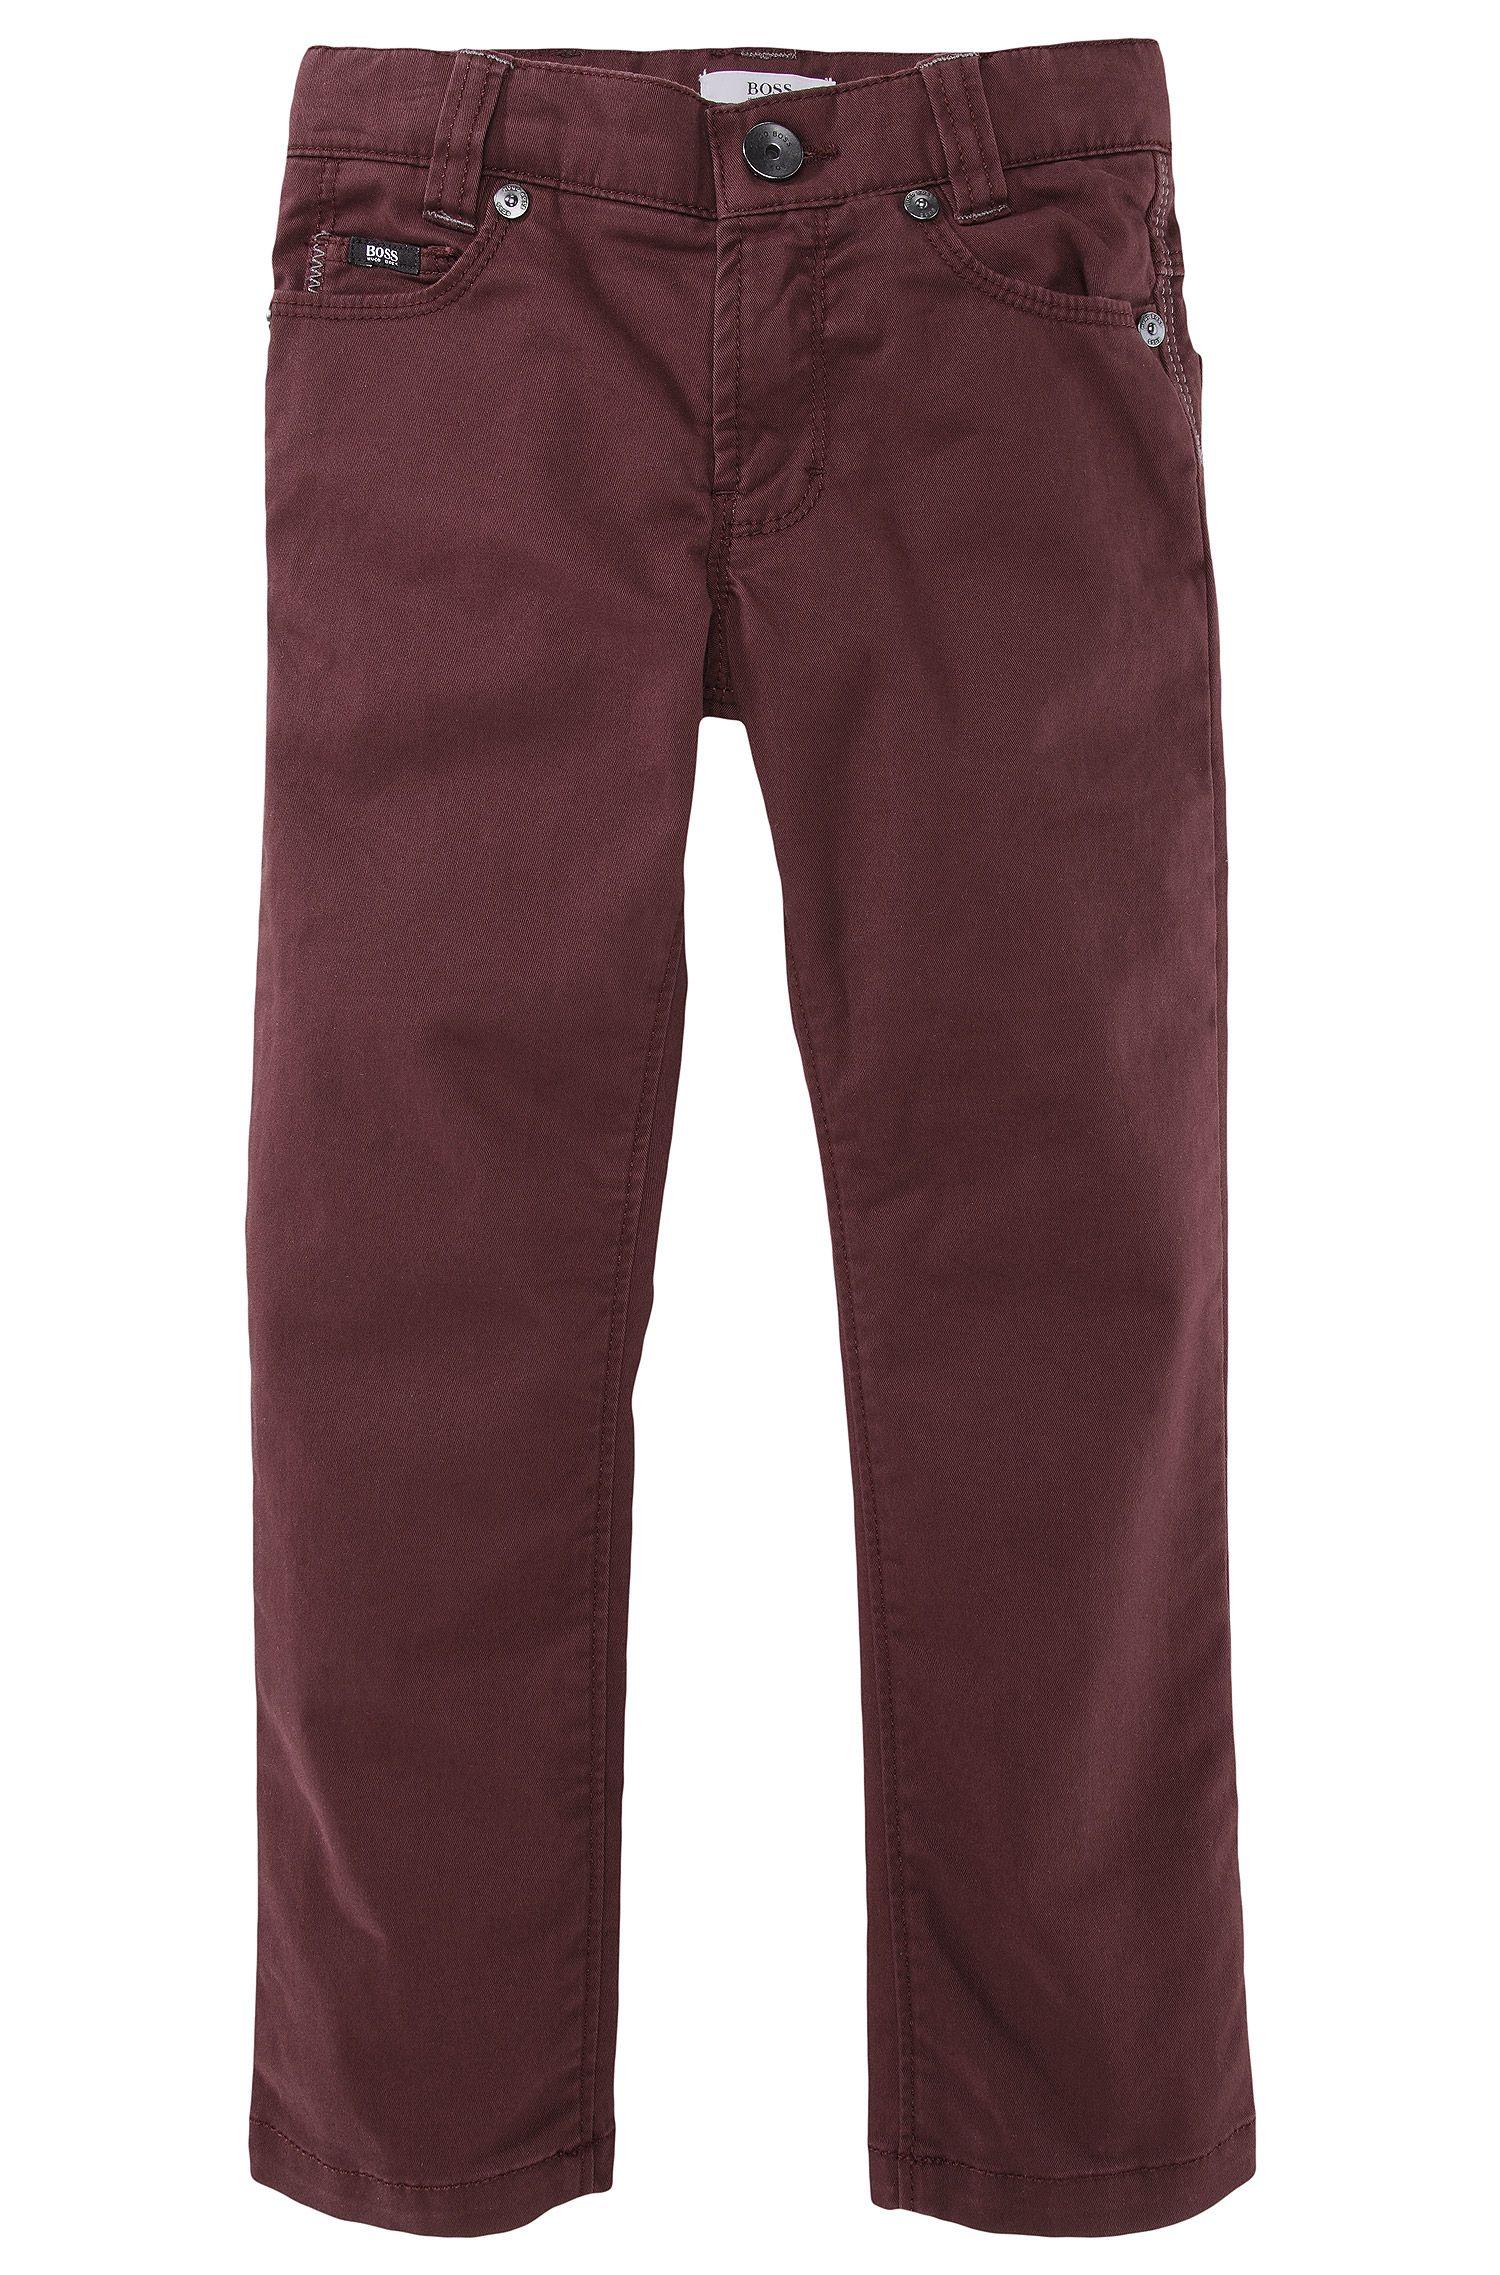 Jeans pour enfant «J24242/958» en coton mélangé